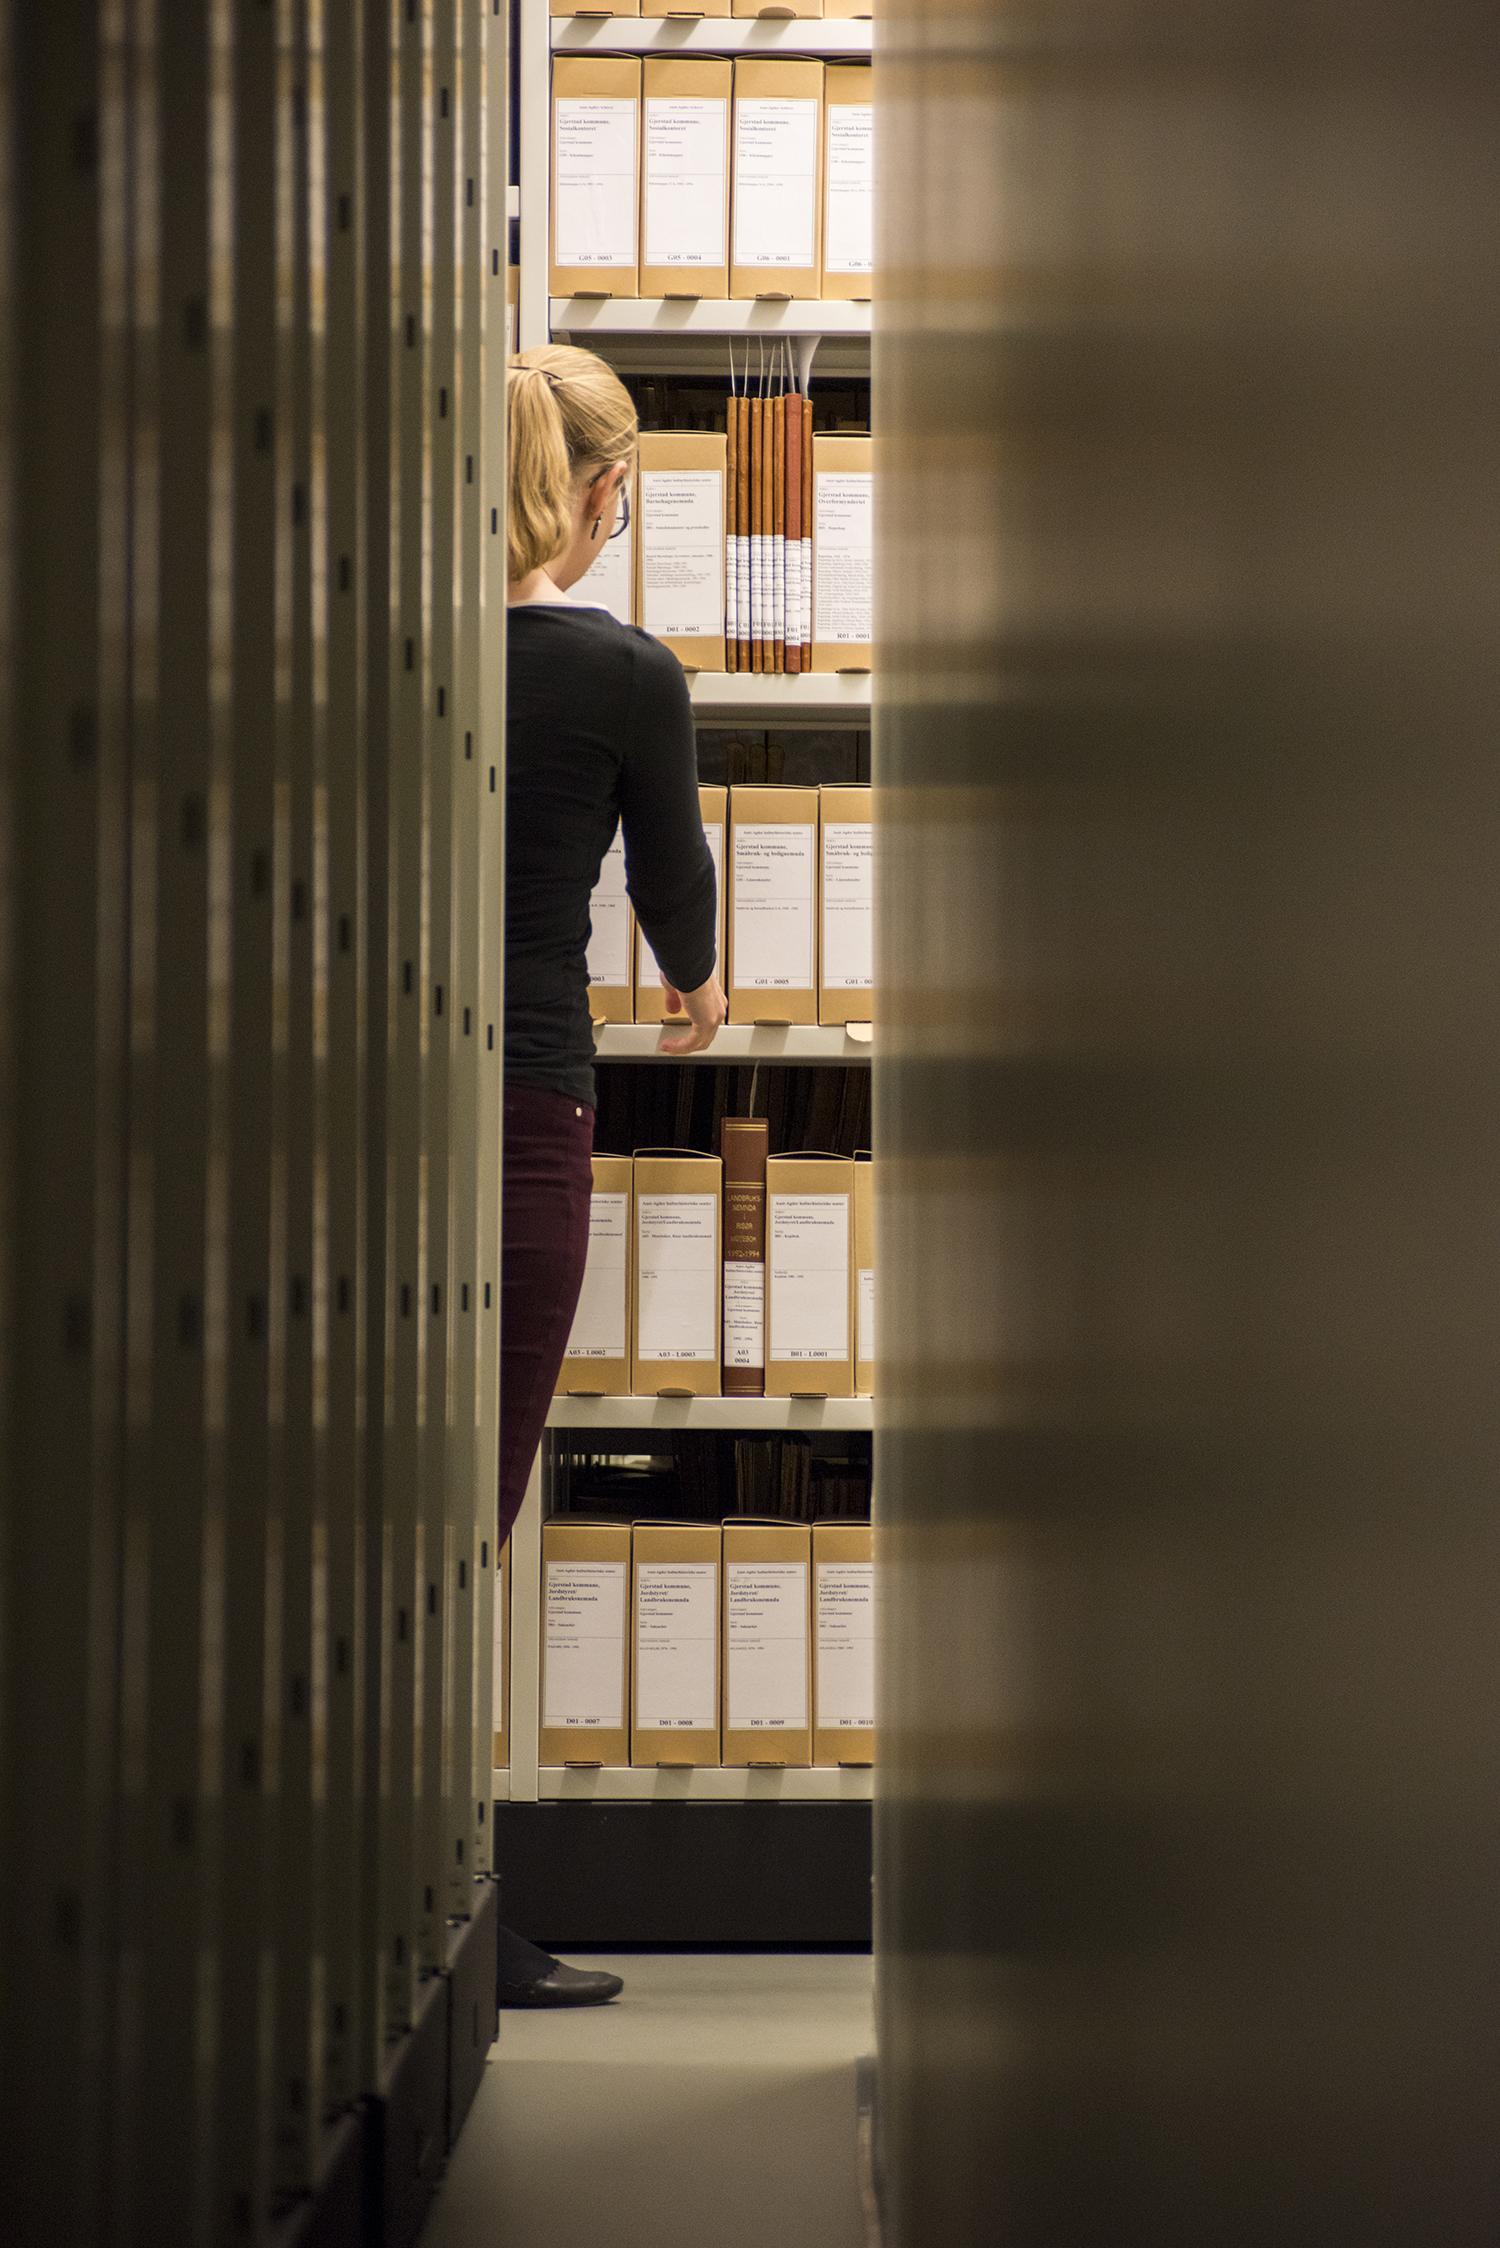 Arkivorganisering og tjenester – Hvordan påvirker arkivorganisering tjenestene som leveres?